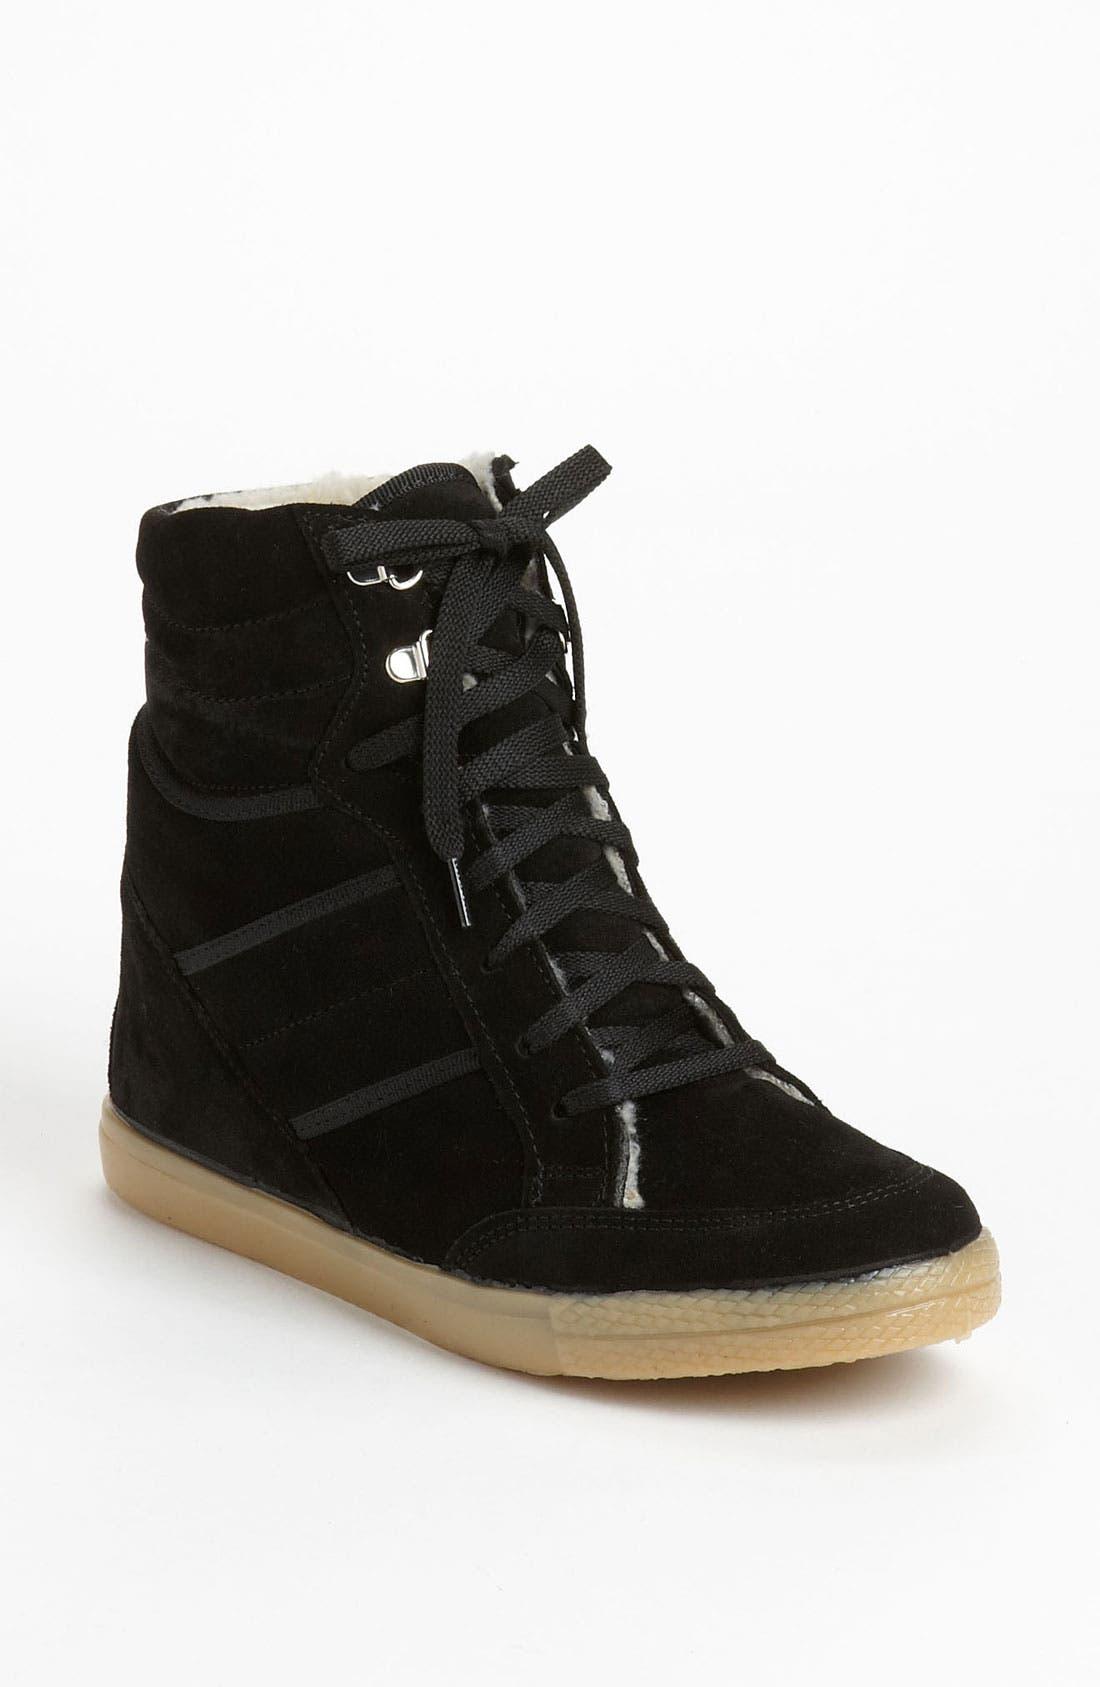 Alternate Image 1 Selected - Topshop 'Accabusi Hiker' Sneaker